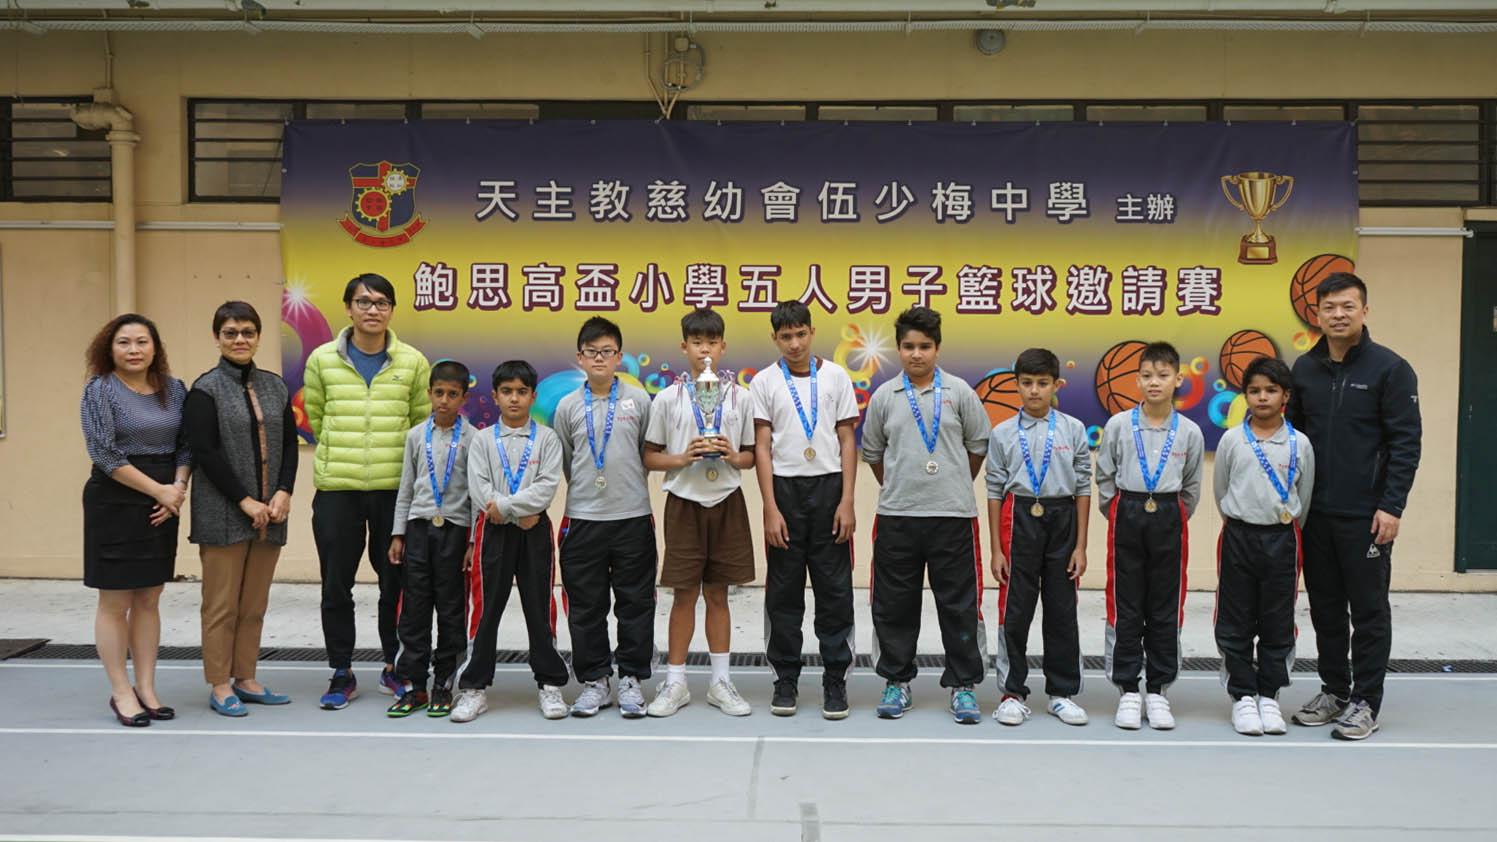 天主教慈幼會伍少梅中學的小學籃球賽相片25